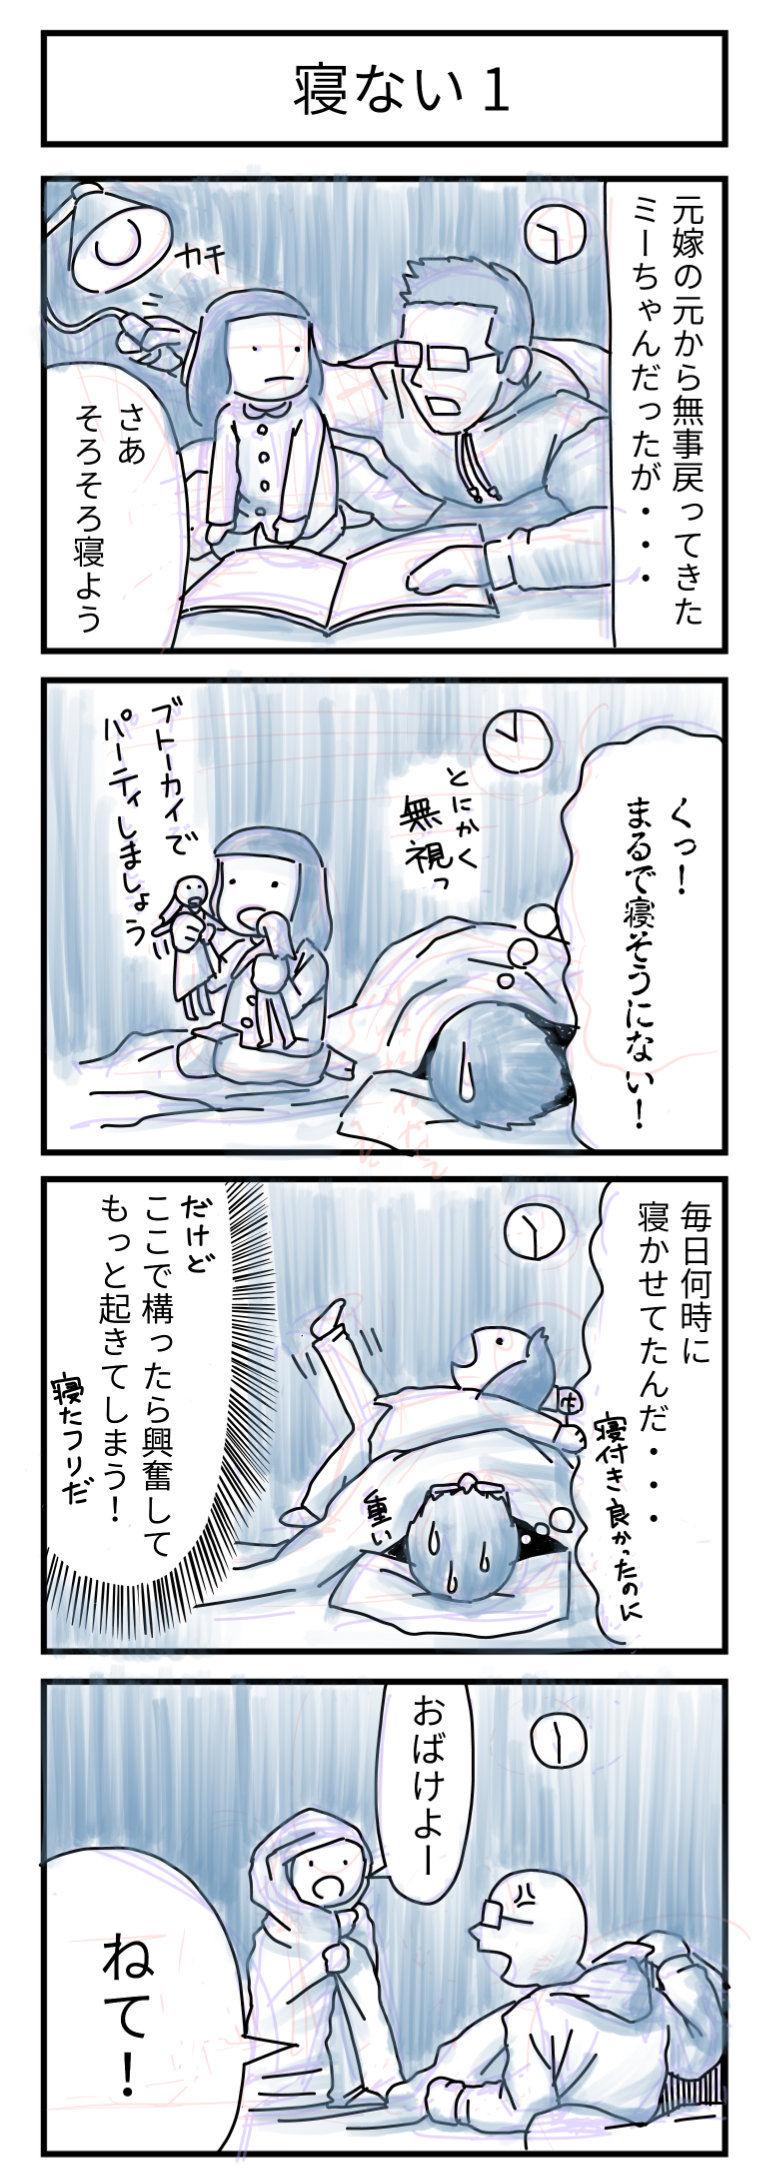 026_寝ない1_half